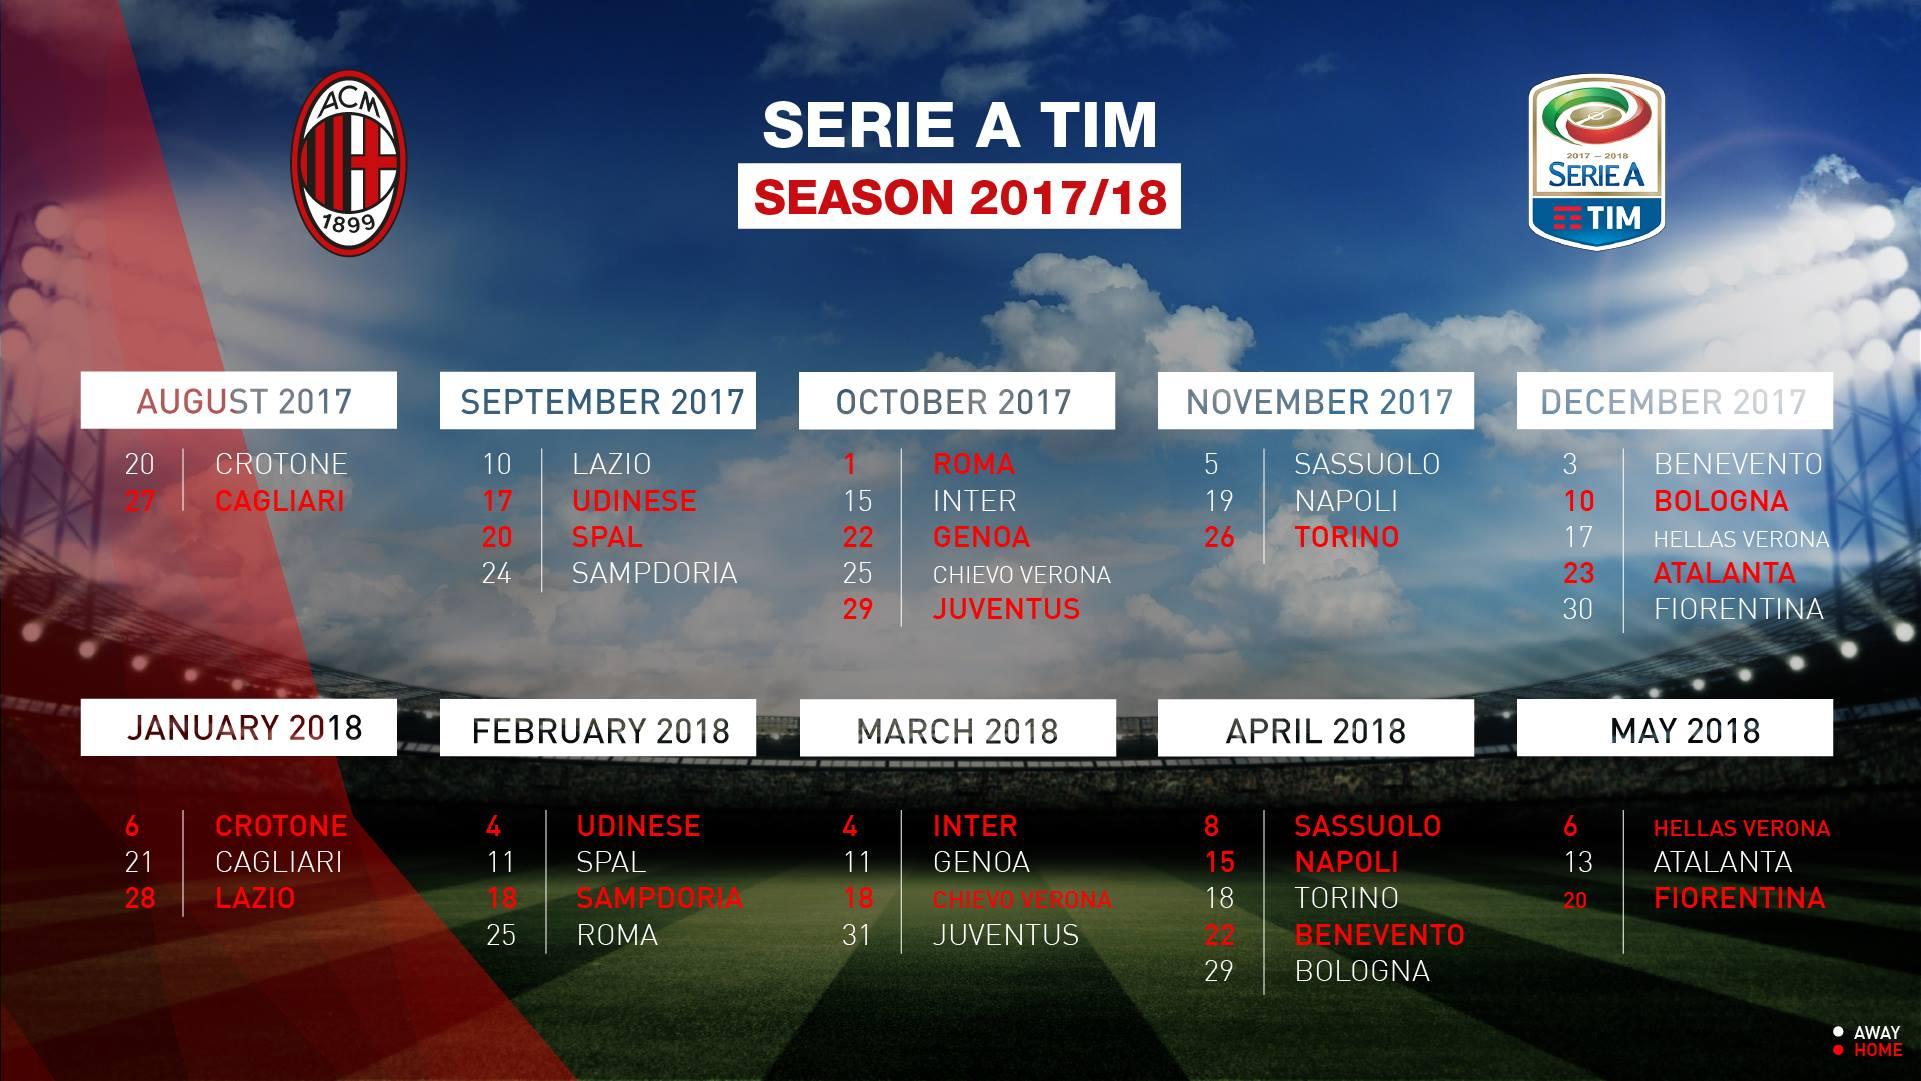 Calendario Milan Serie A 2017 2018 Ecco Tutte Le Giornate Stadiosport It